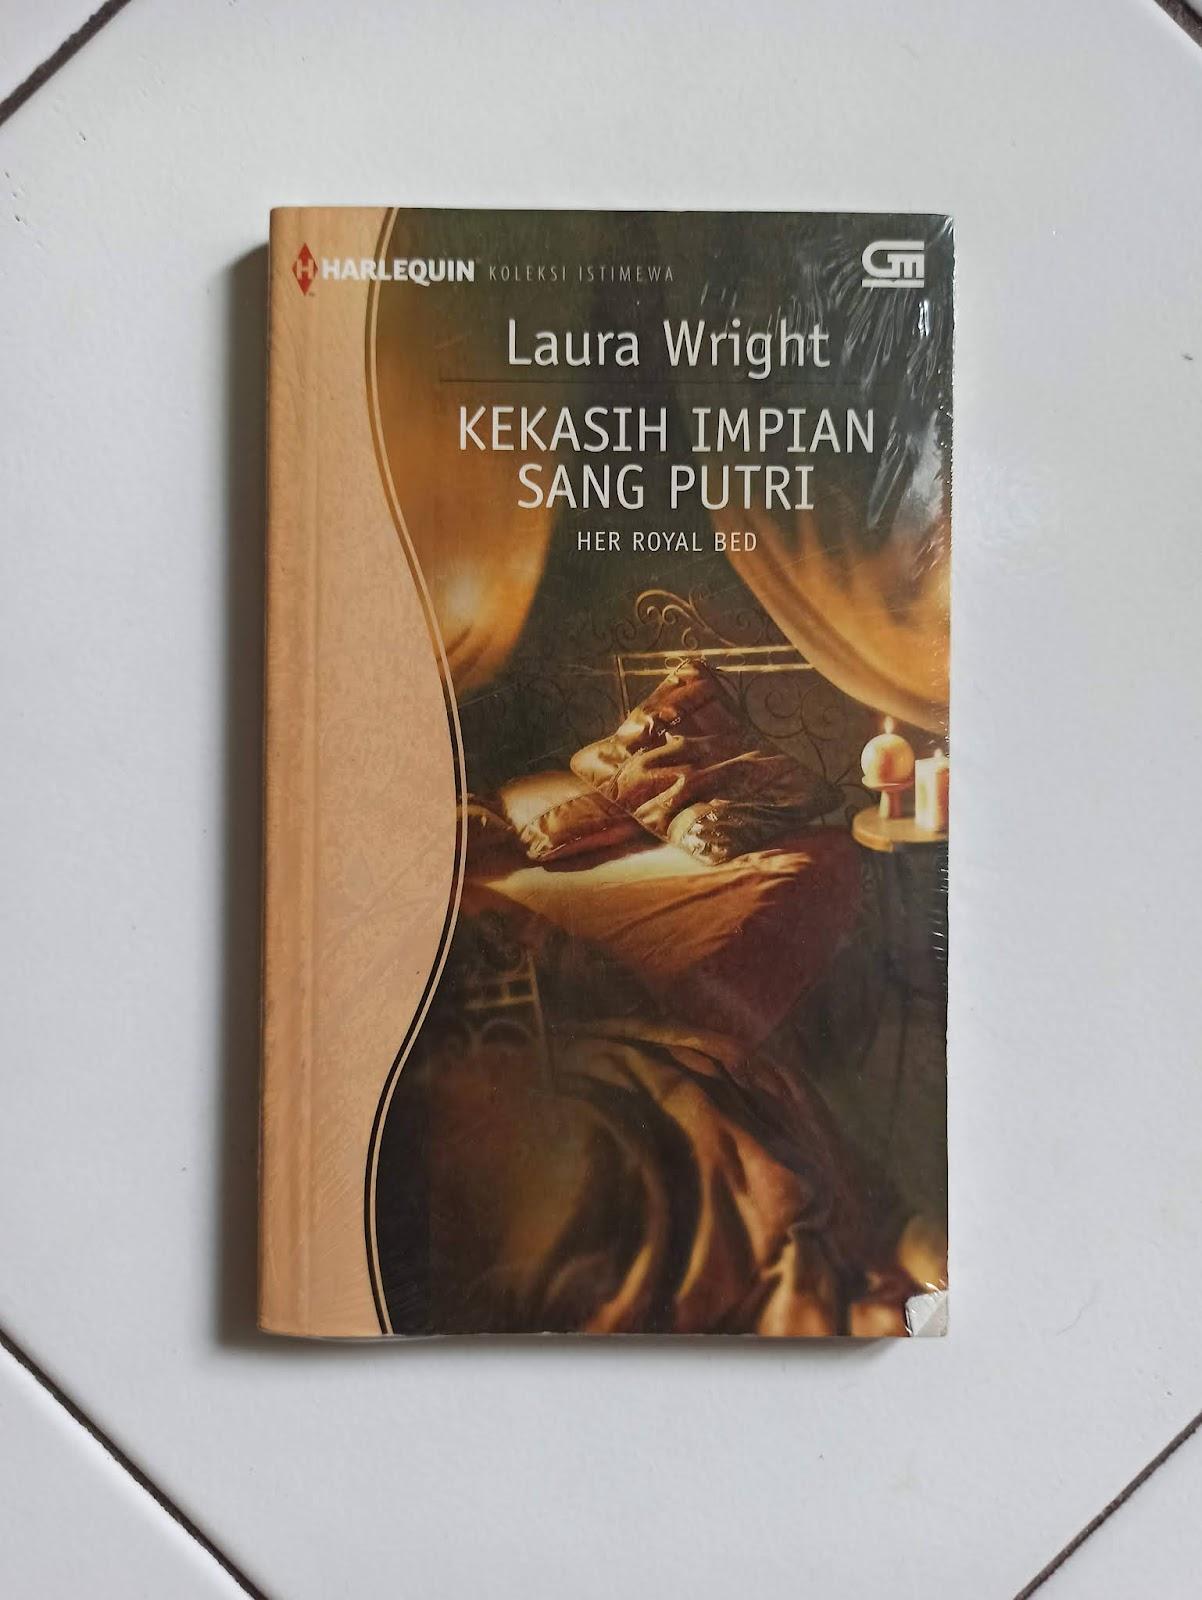 Harlequin Kekasih Impian Sang Putri by Laura Wright